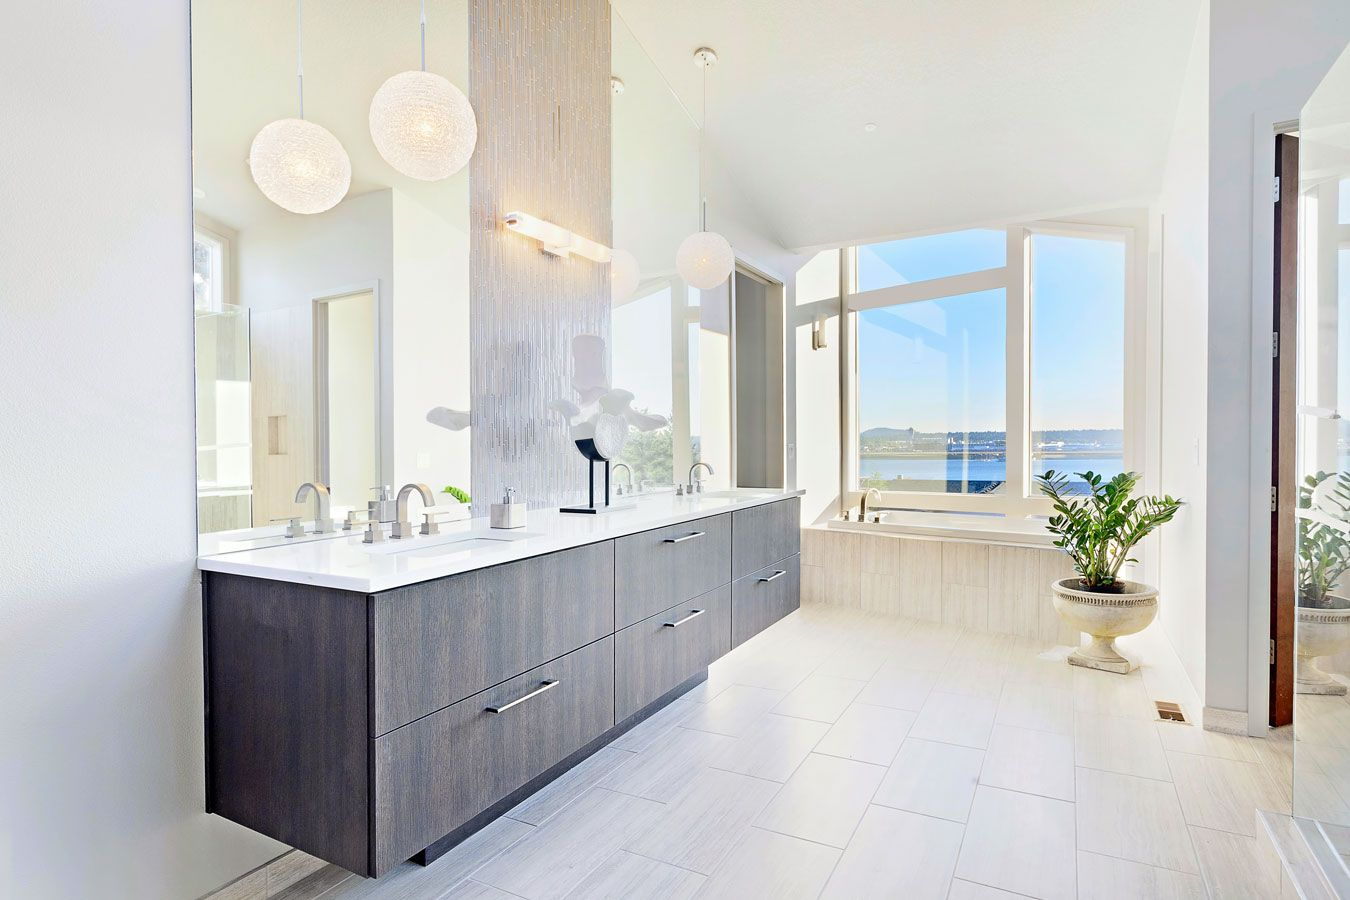 Badkamer Verlichting Ideeen : Originele badkamerverlichting verbouwing pinterest badkamer